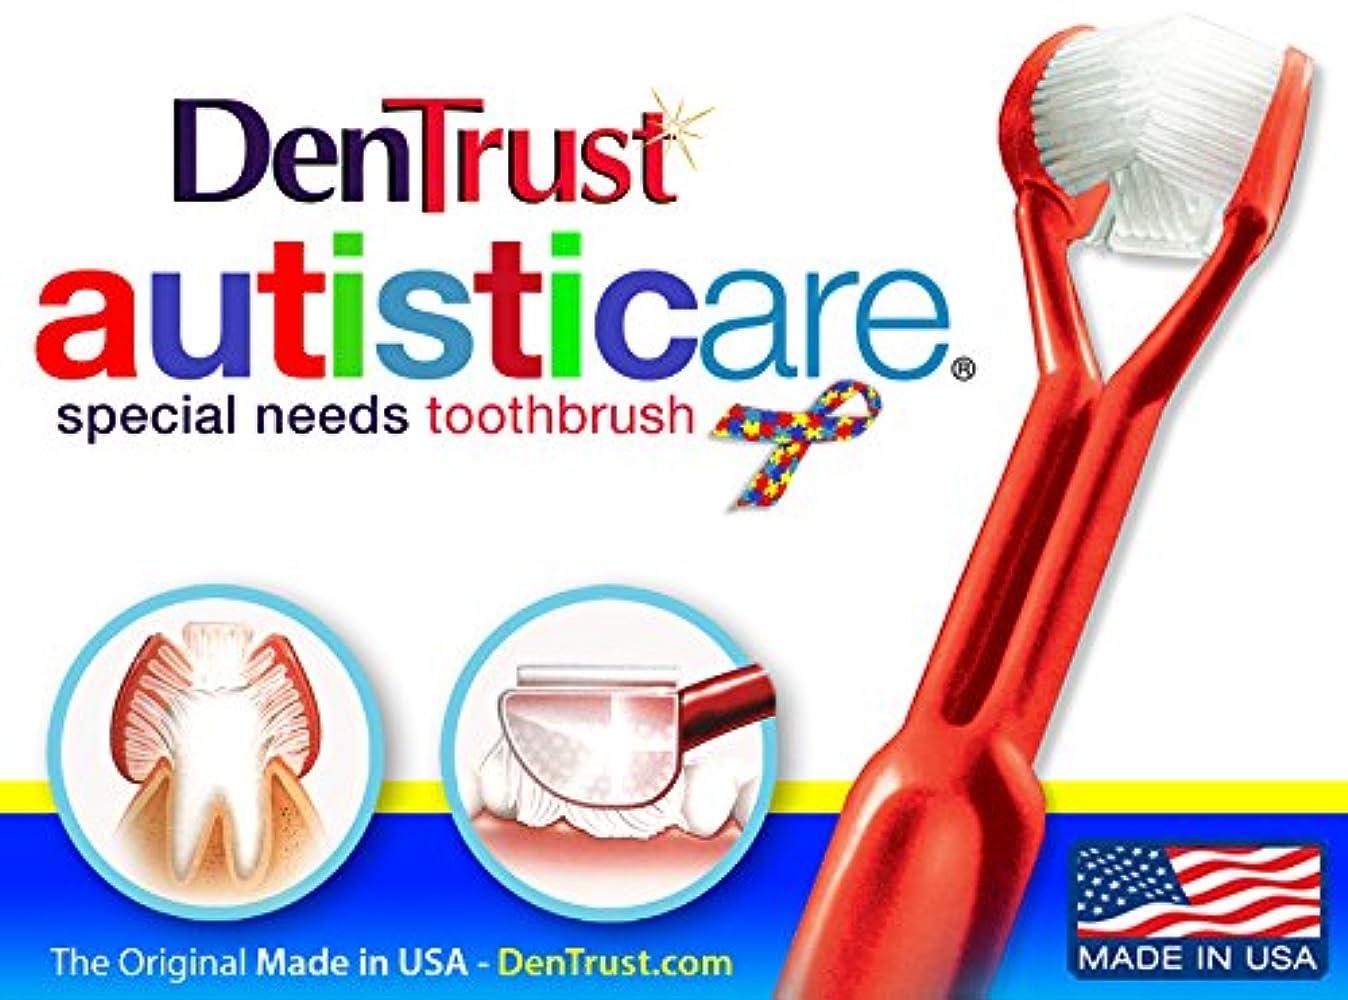 閉じる有益な系譜子供?介護用に便利な3面歯ブラシ/DenTrust 3-Sided Toothbrush :: Specialty Toothbrush